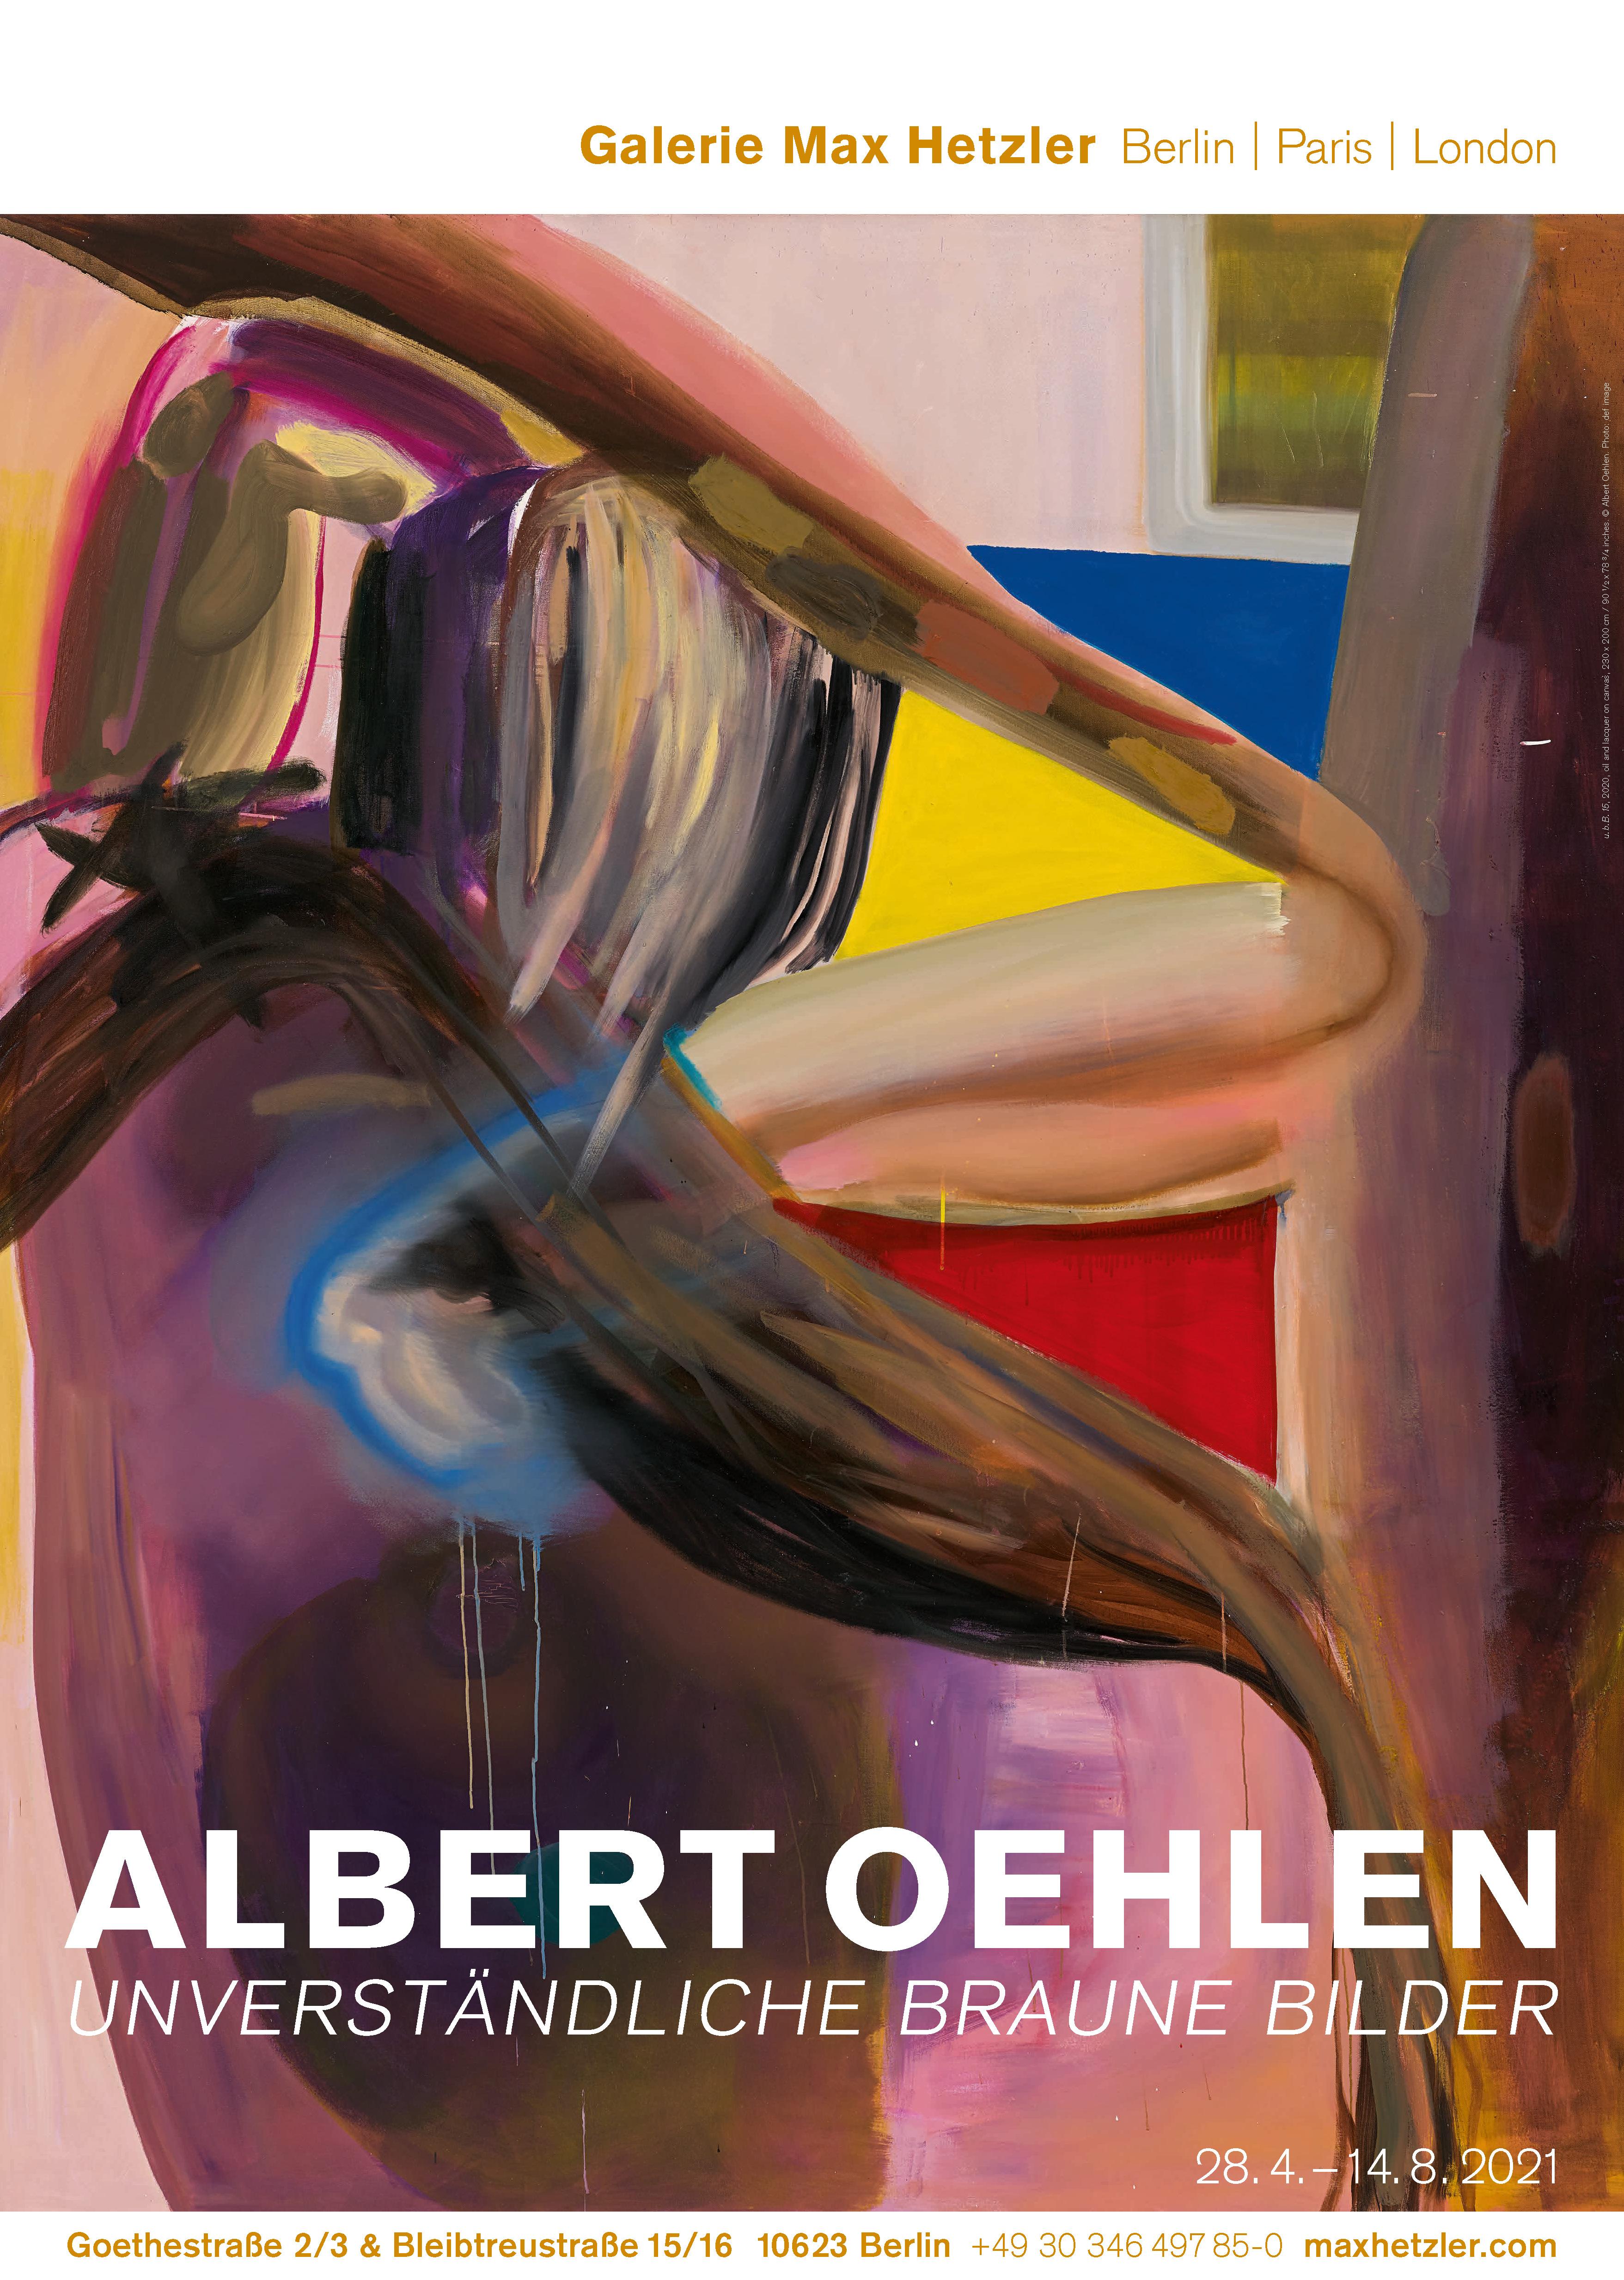 Albert Oehlen, unverständliche braune Bilder - Galerie Max Hetzler